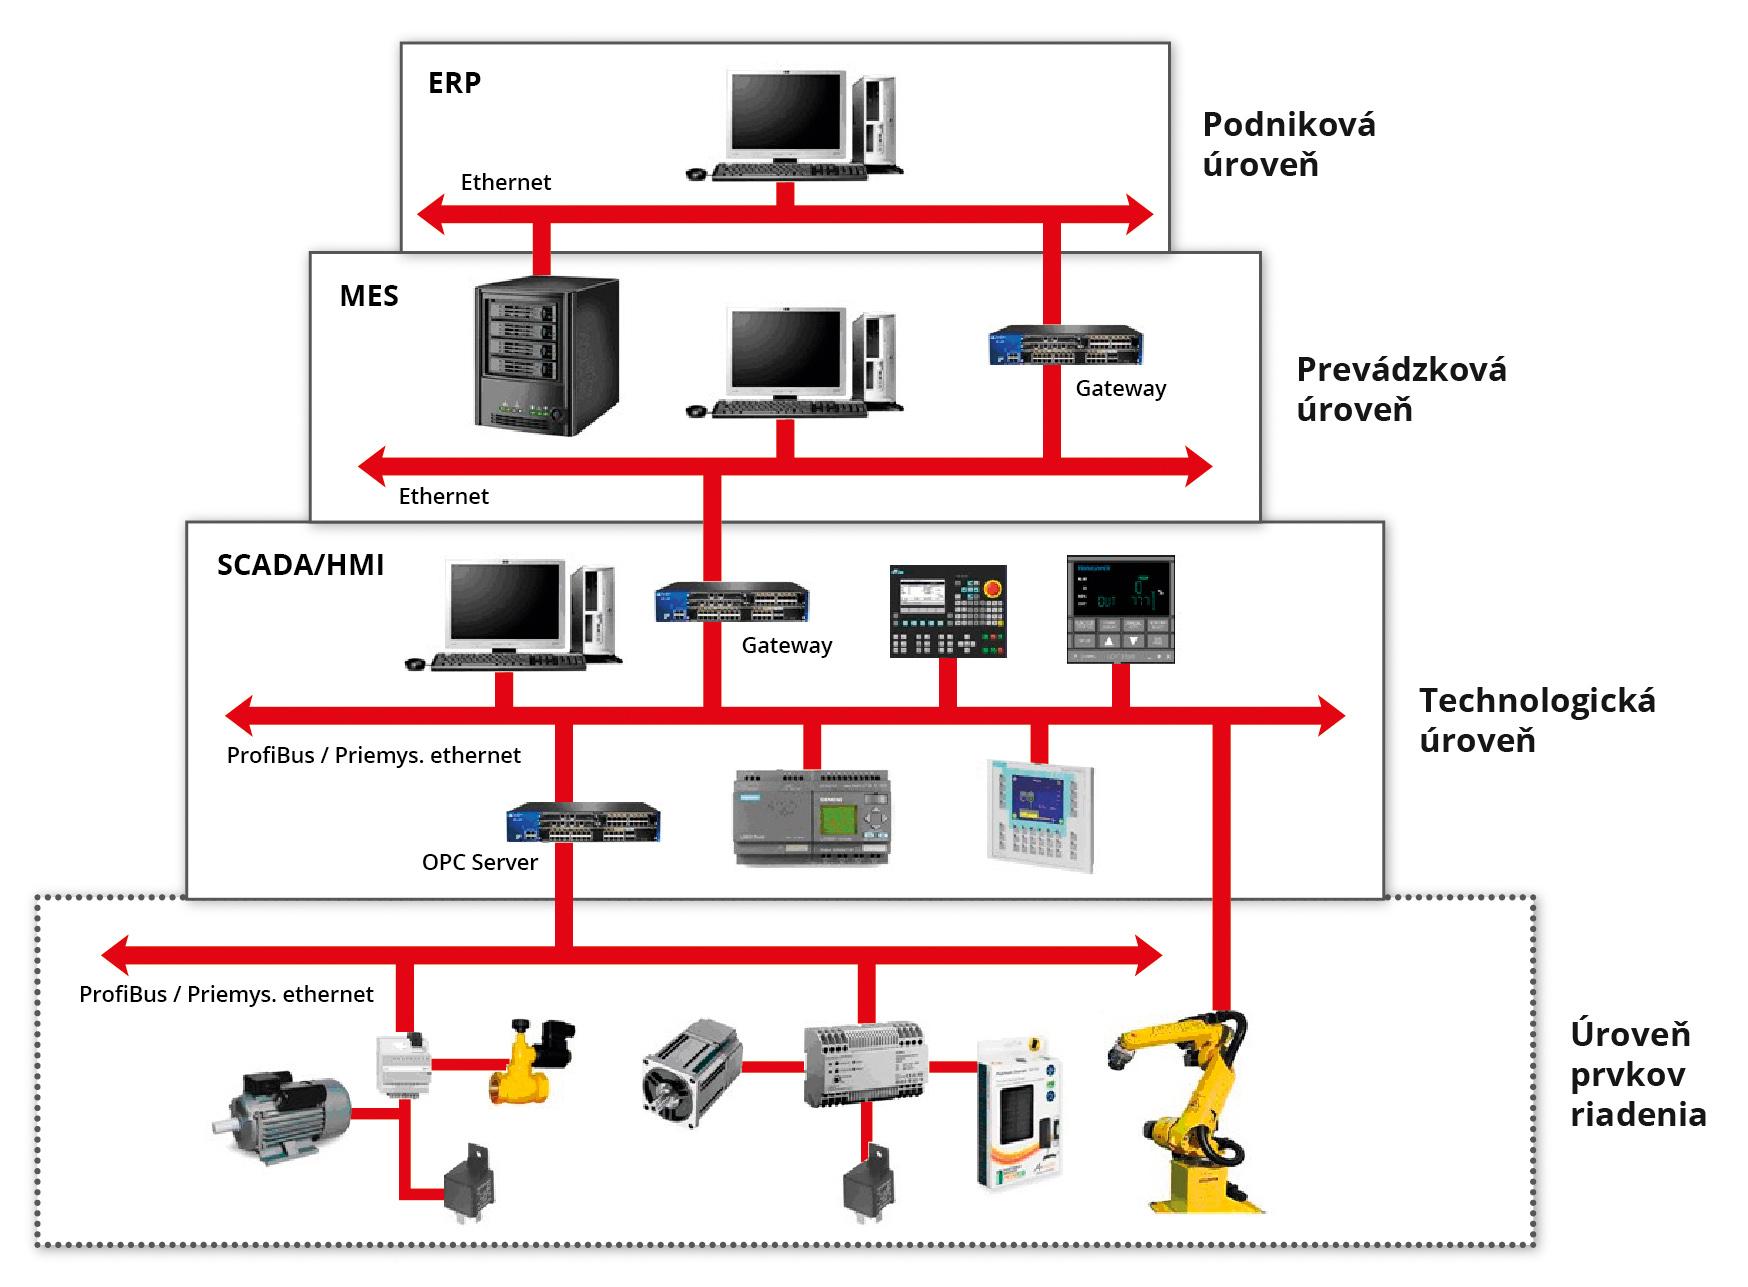 Štandardný model distribuovaného riadenia